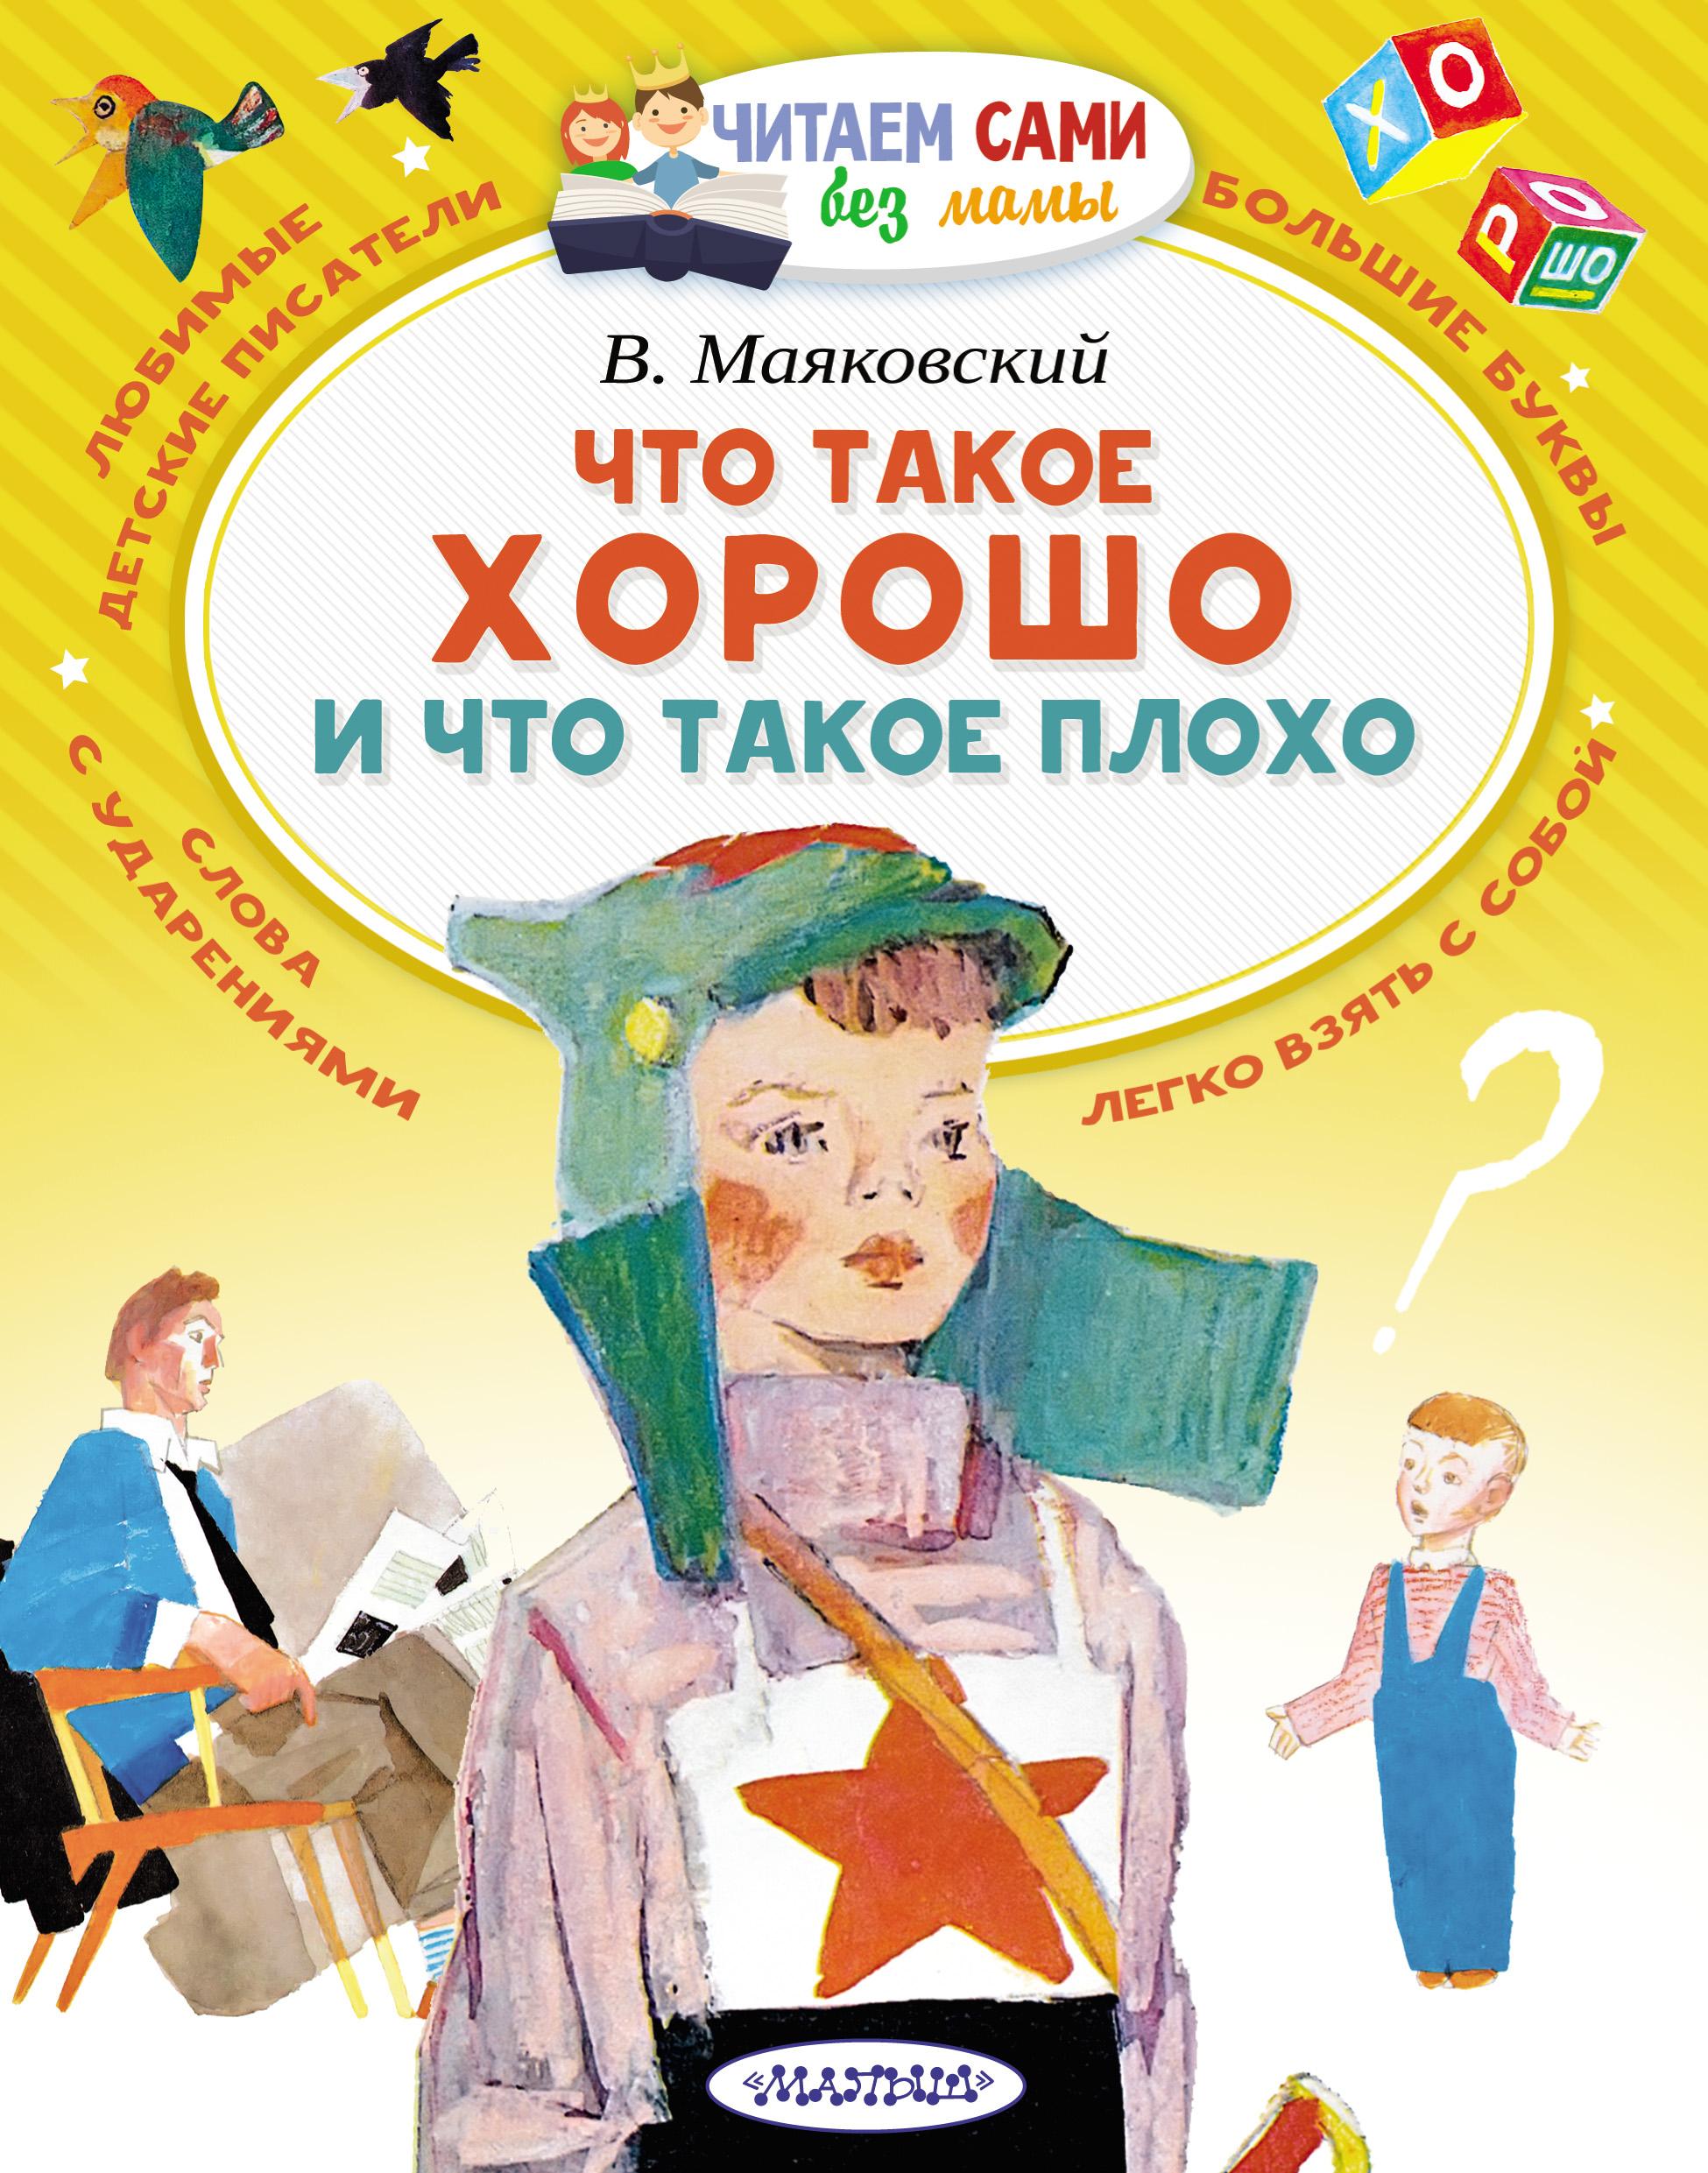 Владимир Маяковский Что такое хорошо и что такое плохо маяковский в что такое хорошо и что такое плохо стихи